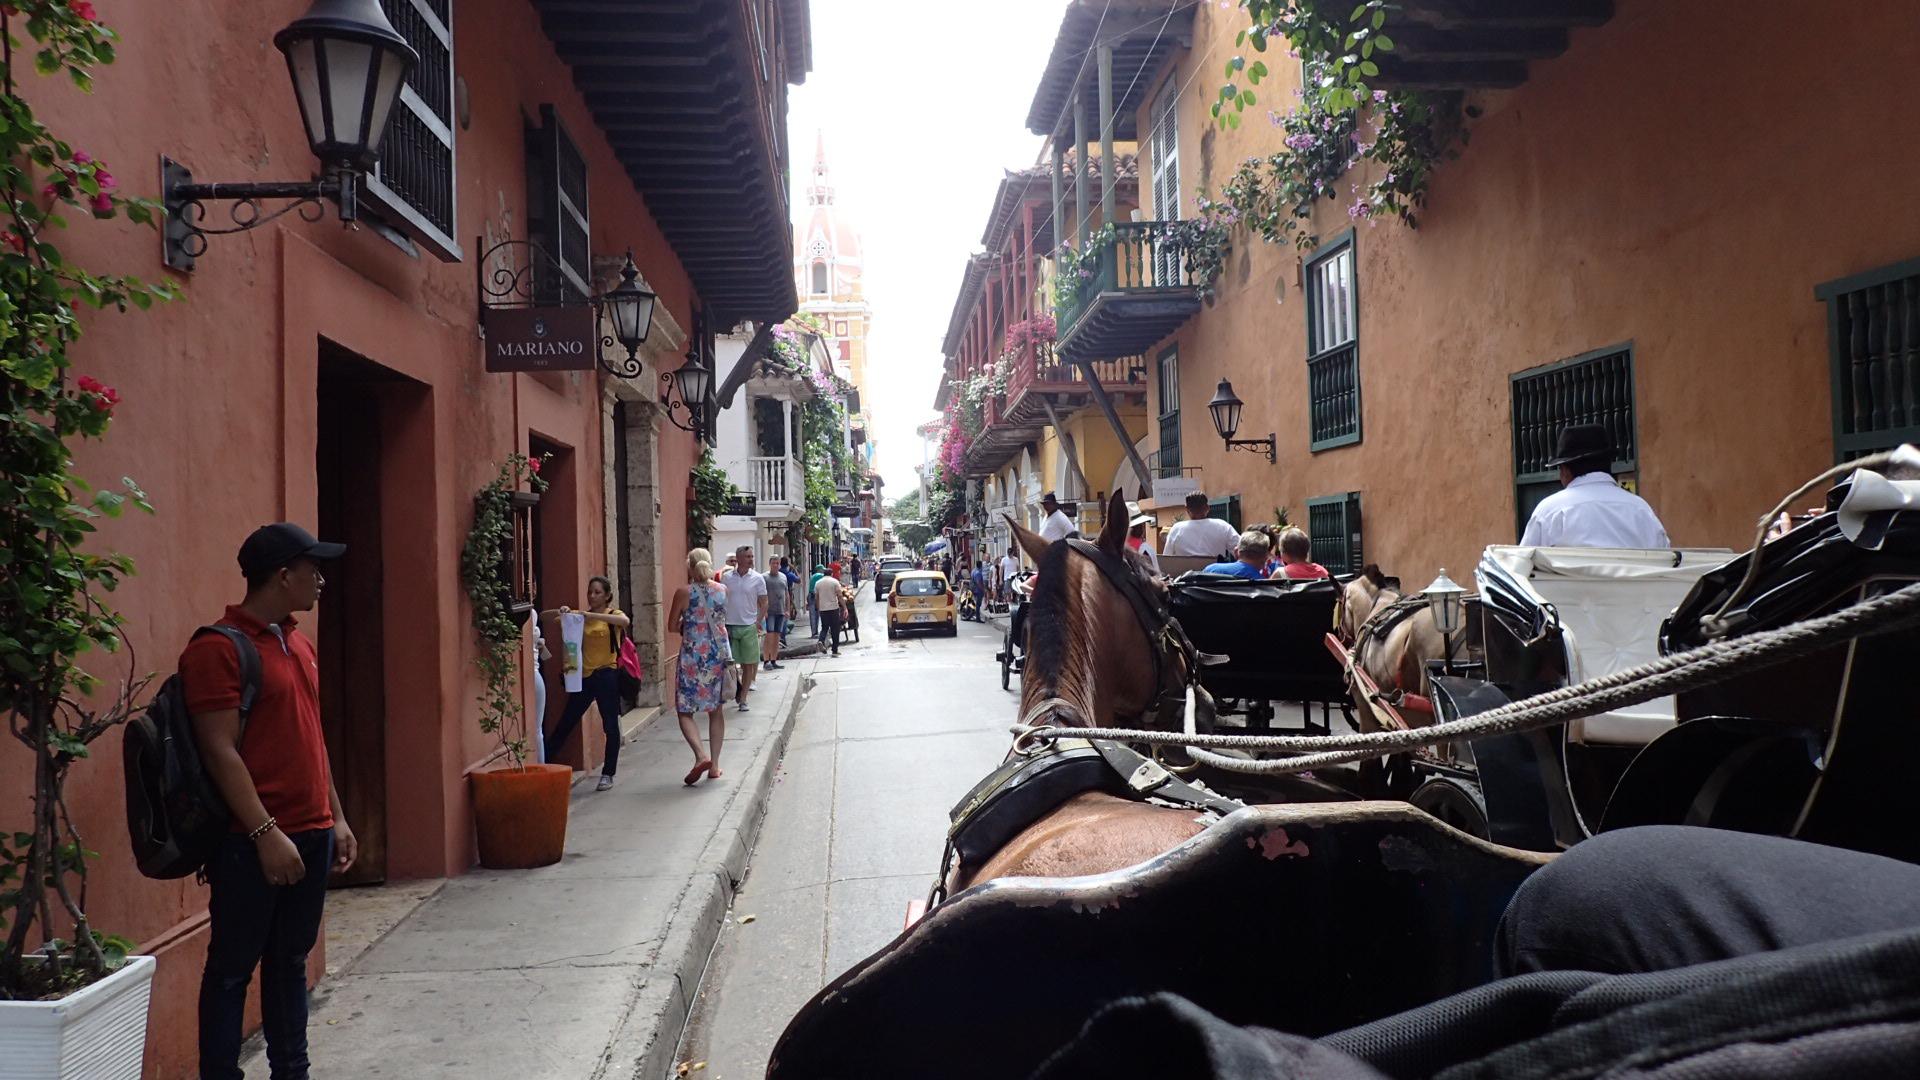 Mein Schiff Erlebnis: Pferdekutschen fahrt in Cartagena